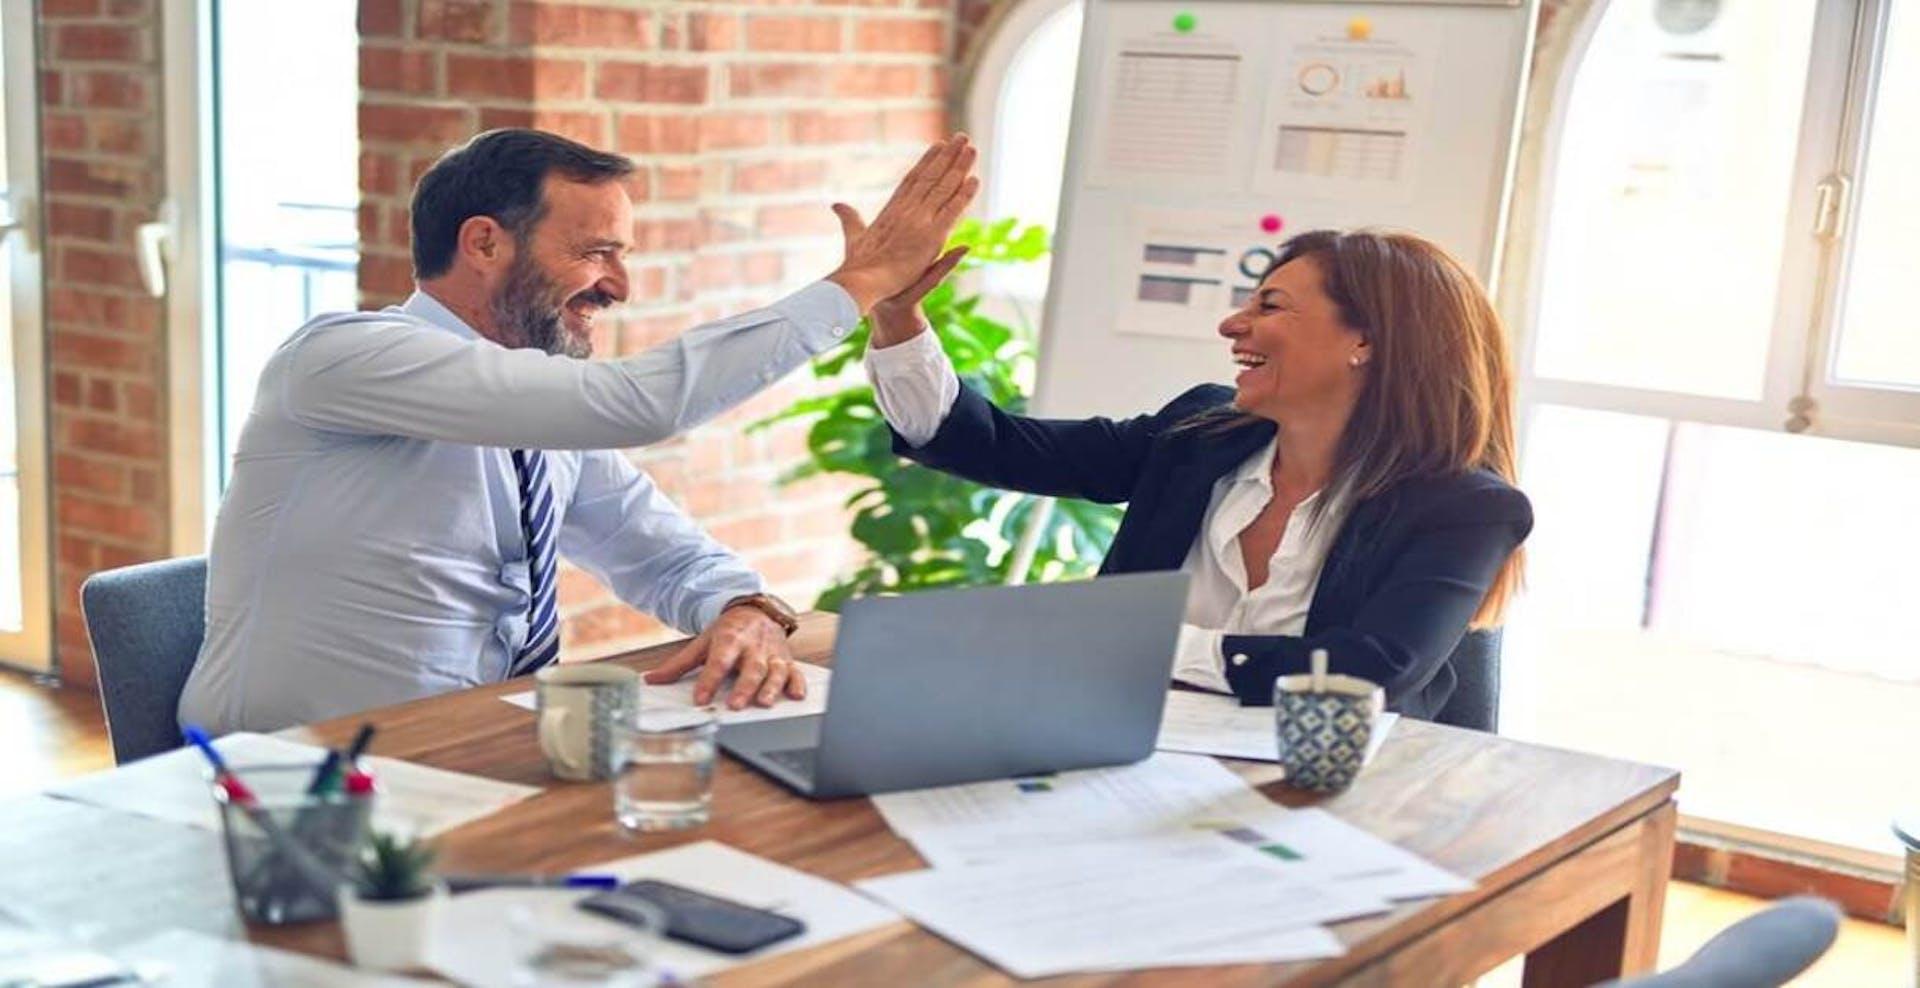 Descubre qué es el empowerment y potencia tu equipo como lo hacen las mejores compañías